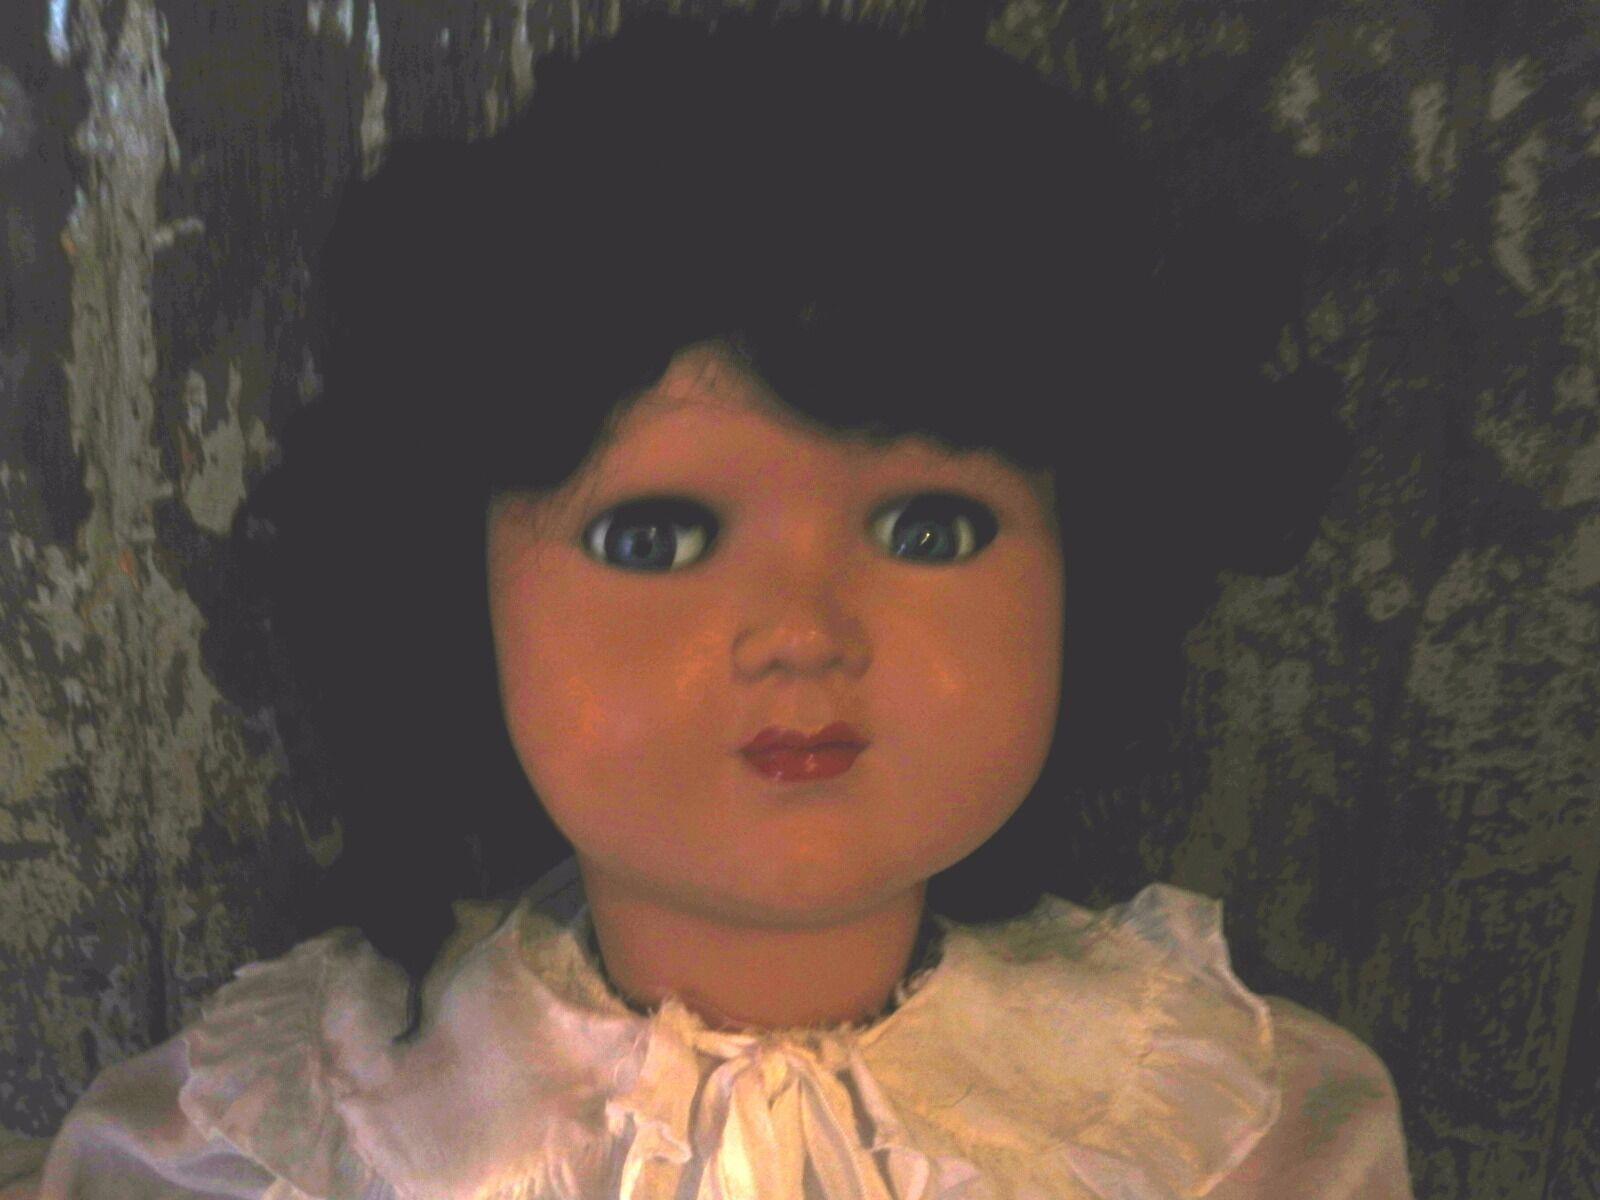 Gree Rara  Bambola  Originale Giachetti  Antica  bambola Poupee Puppen  stanno facendo attività di sconto